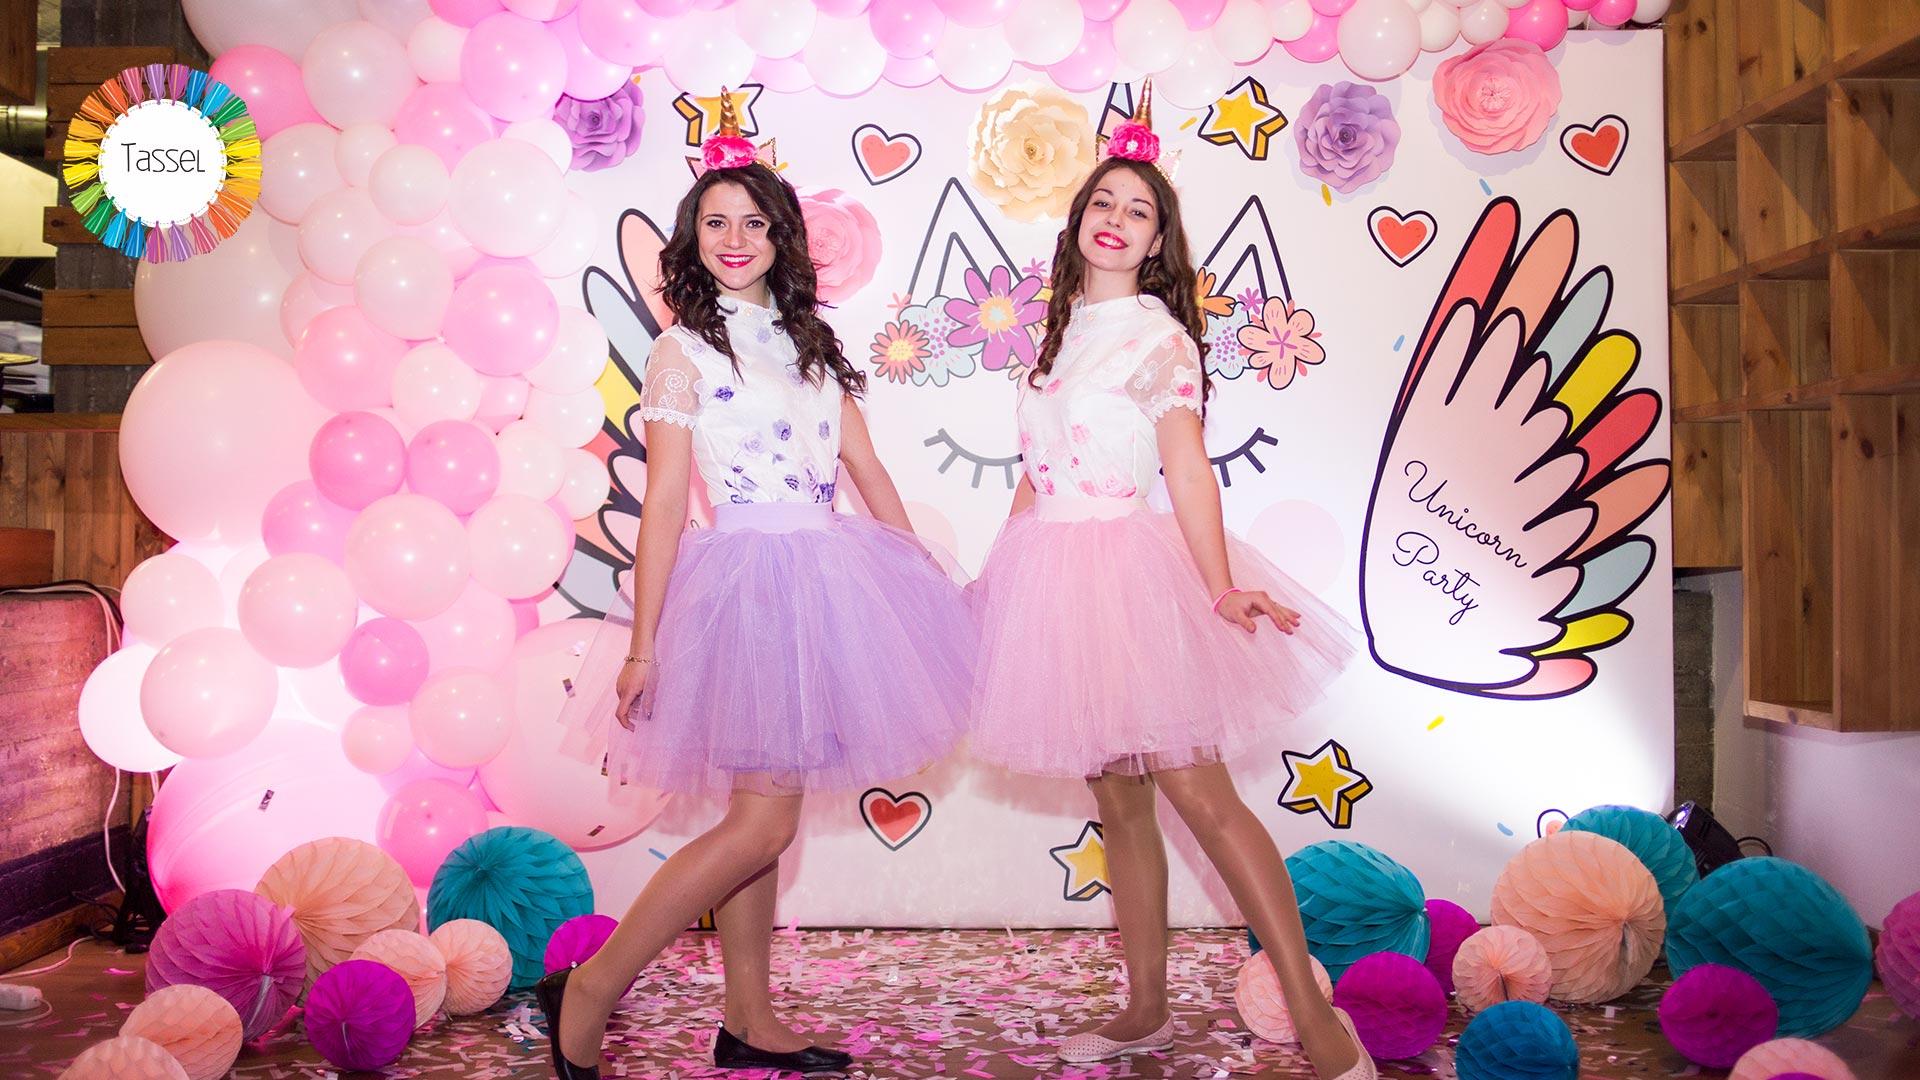 фтозона в стиле Единорог и принцесса для девочек в розовых тонах